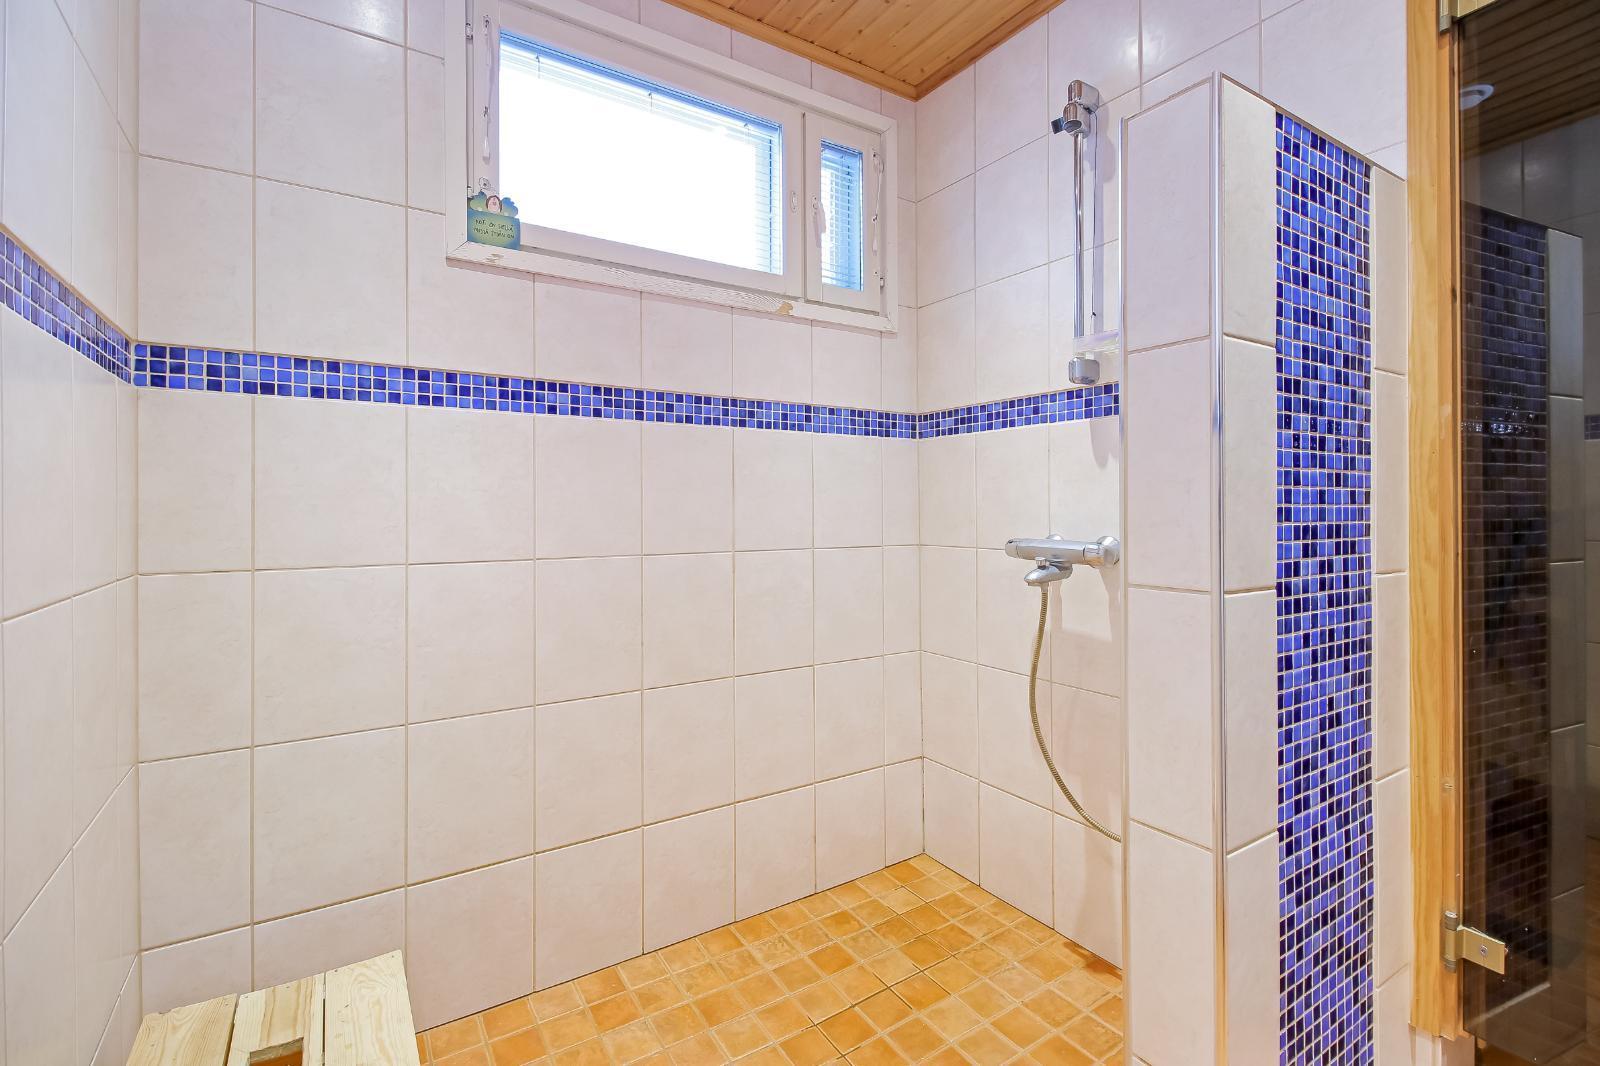 Suihkuseinä ja ikkuna kylpyhuoneessa.